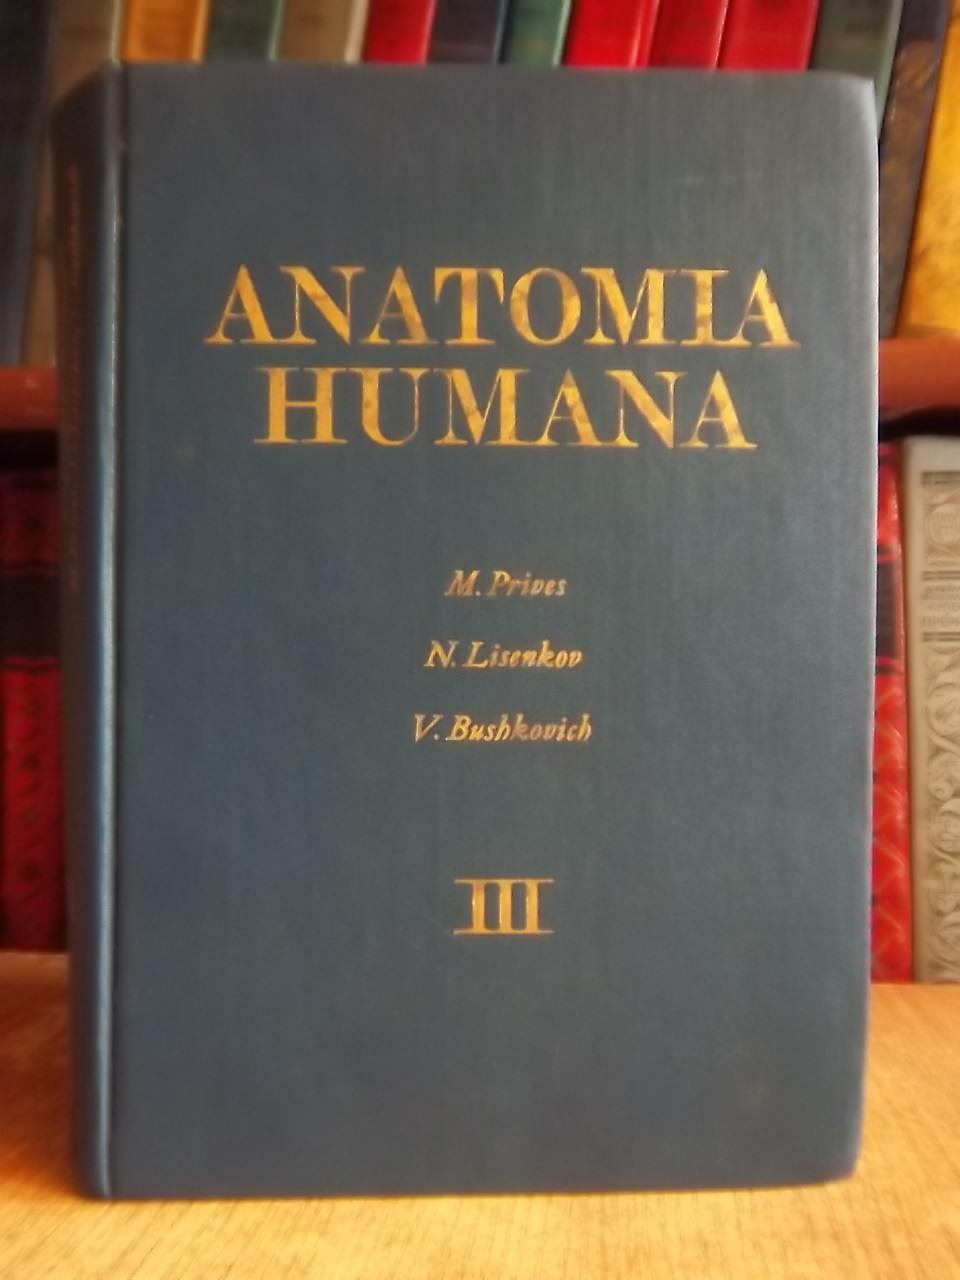 Anatomia humana Tom 3 (Esplacnologia organos de secrecion interna. Prives M., Lisenkov N., Bushkovich V.